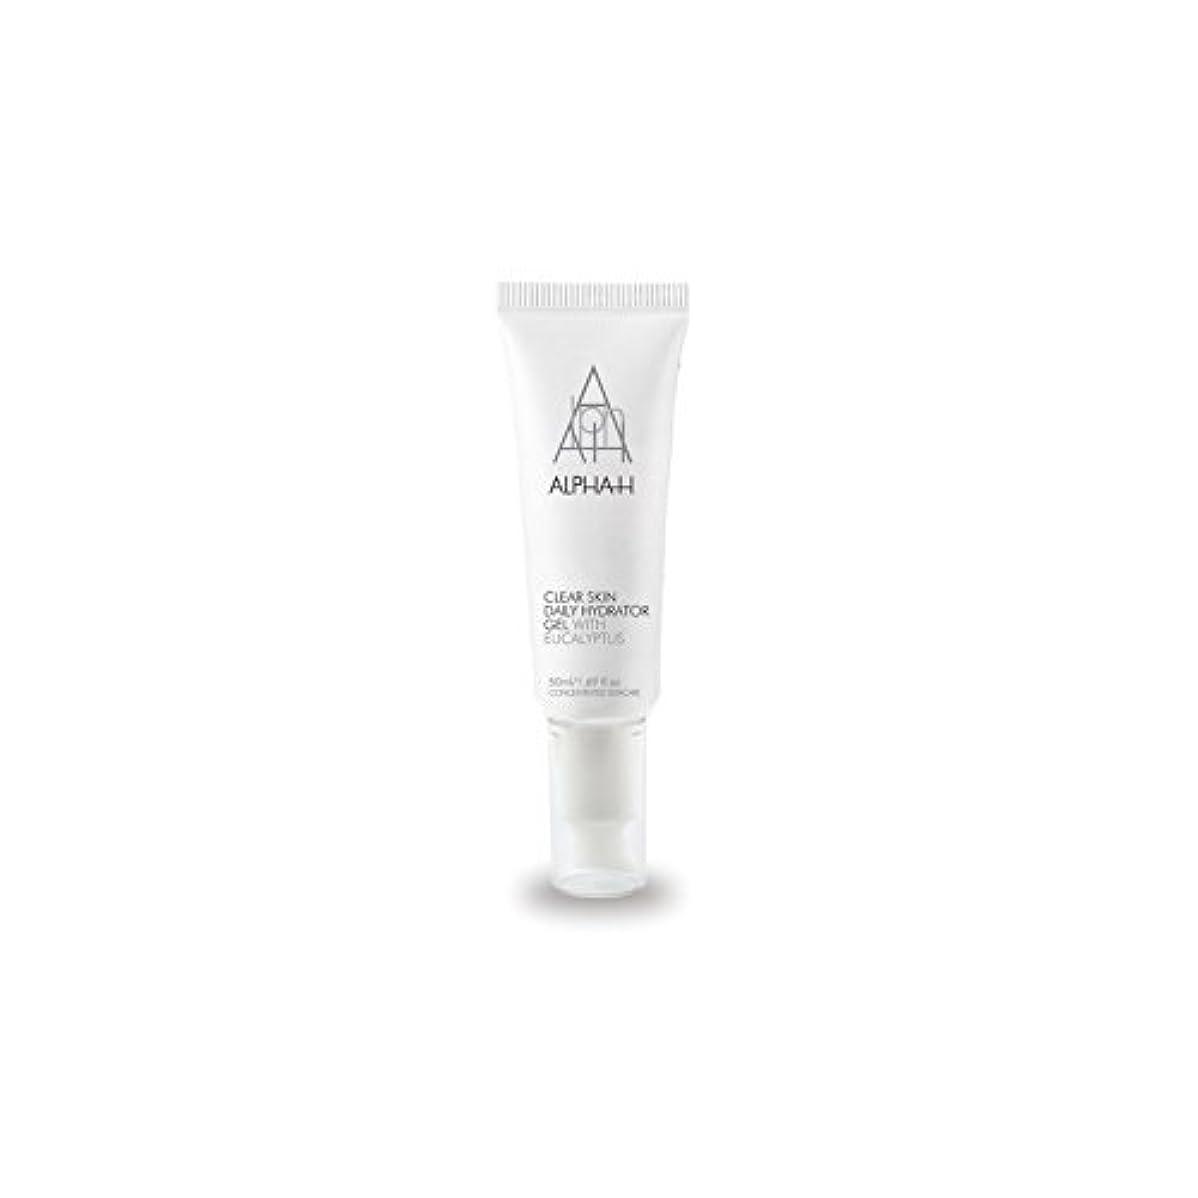 チャット収まる南方のAlpha-H Clear Skin Daily Hydrator Gel (50ml) - アルファクリア皮膚毎日ハイドレーターゲル(50)中 [並行輸入品]